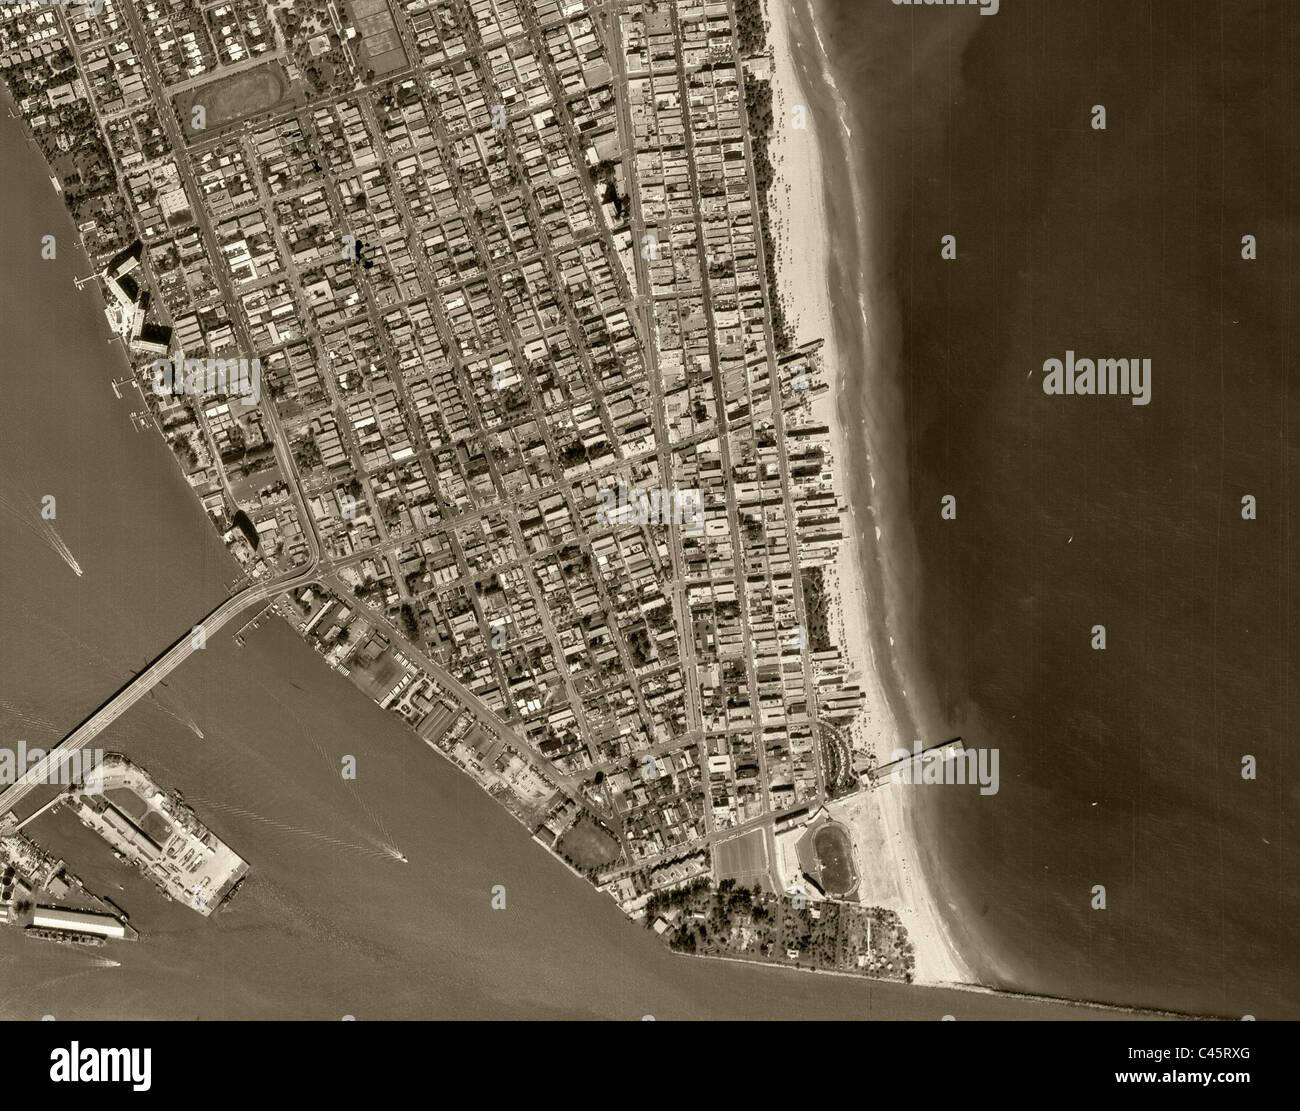 historische luftaufnahme kartenansicht south beach miami